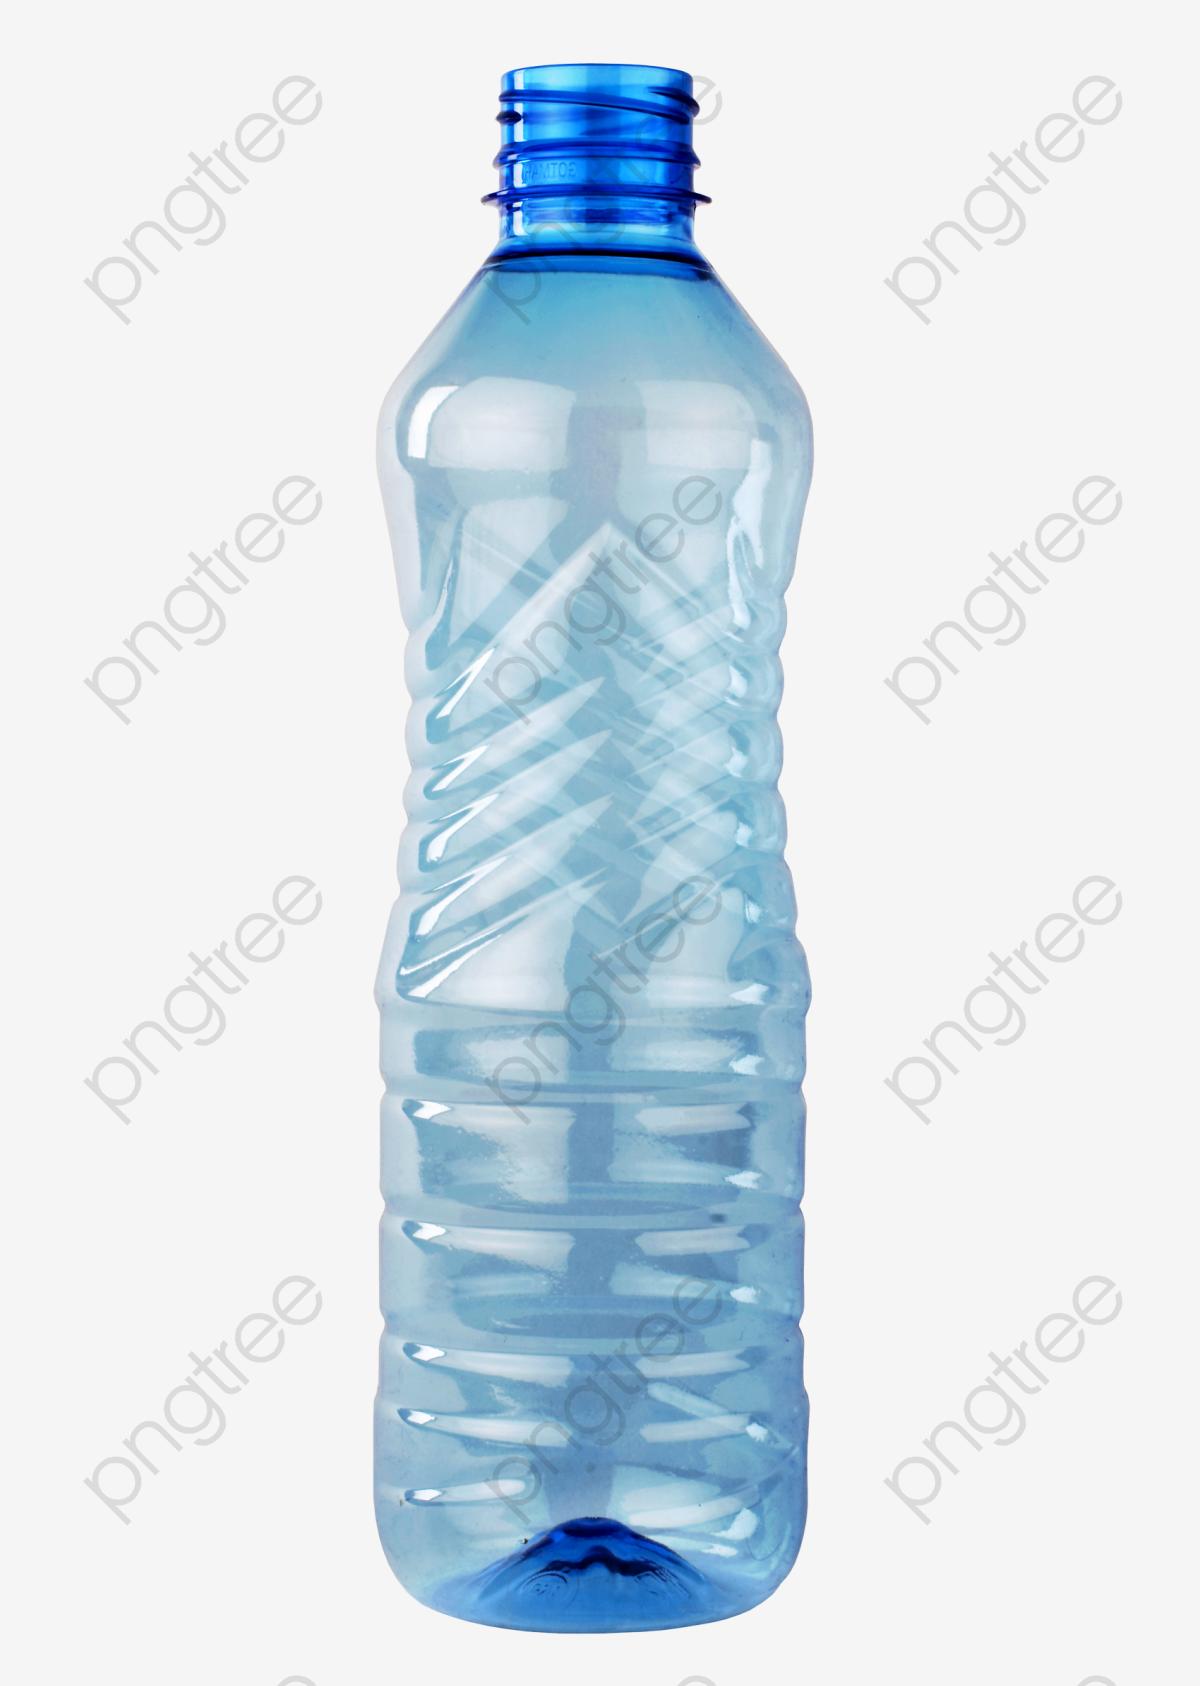 Botellas De Agua Mineral, Real, Botella De Agua, Botellas De Agua.